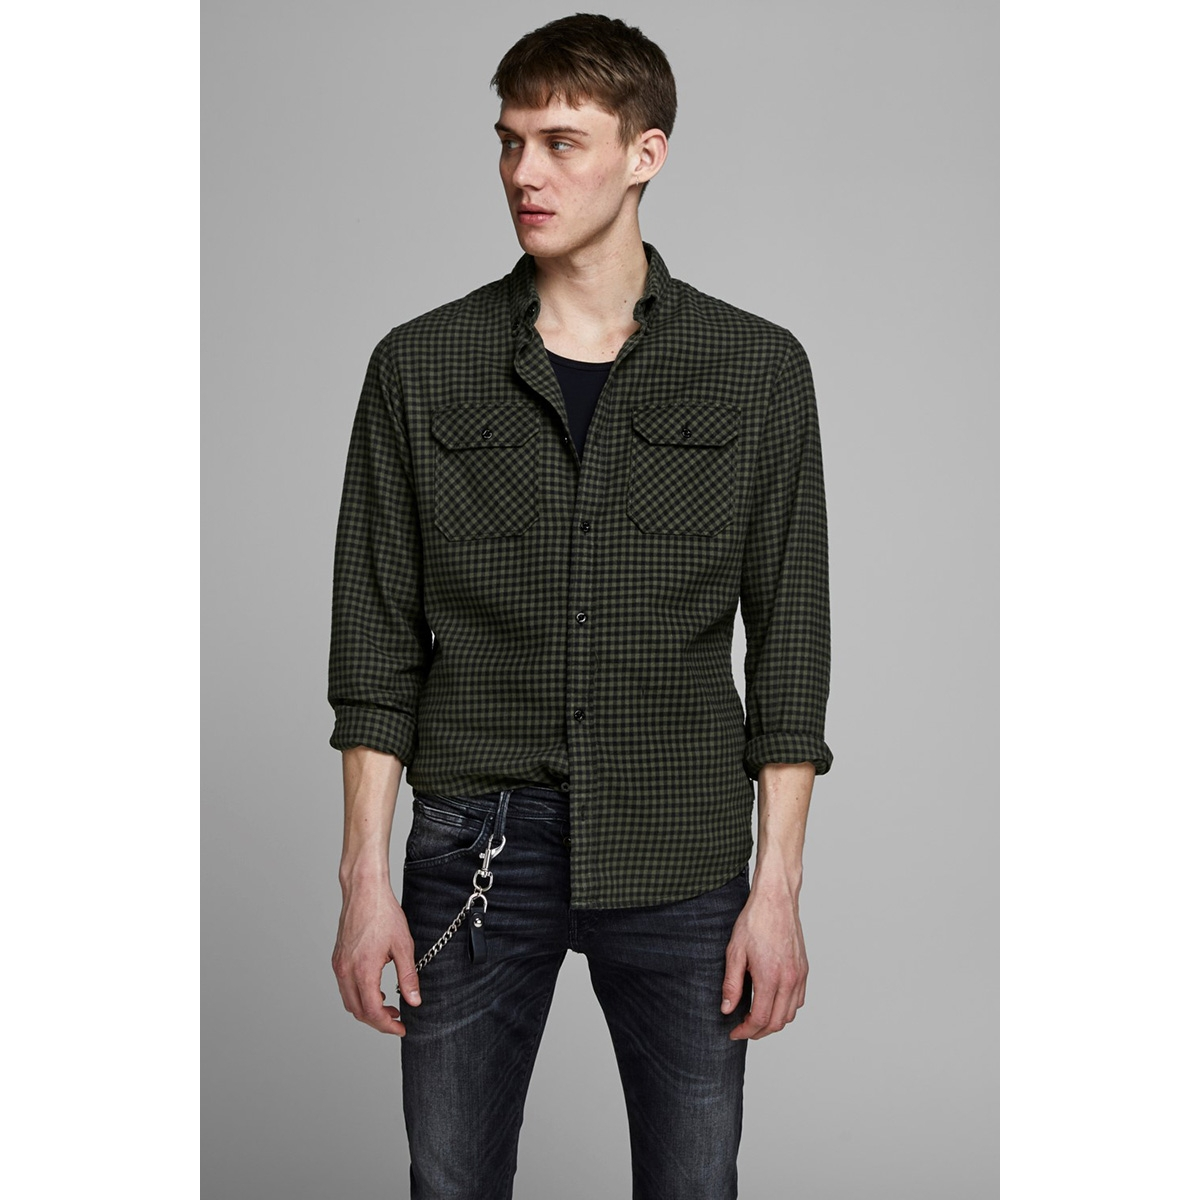 jcorussel shirt ls worker 12157792 jack & jones overhemd forest night